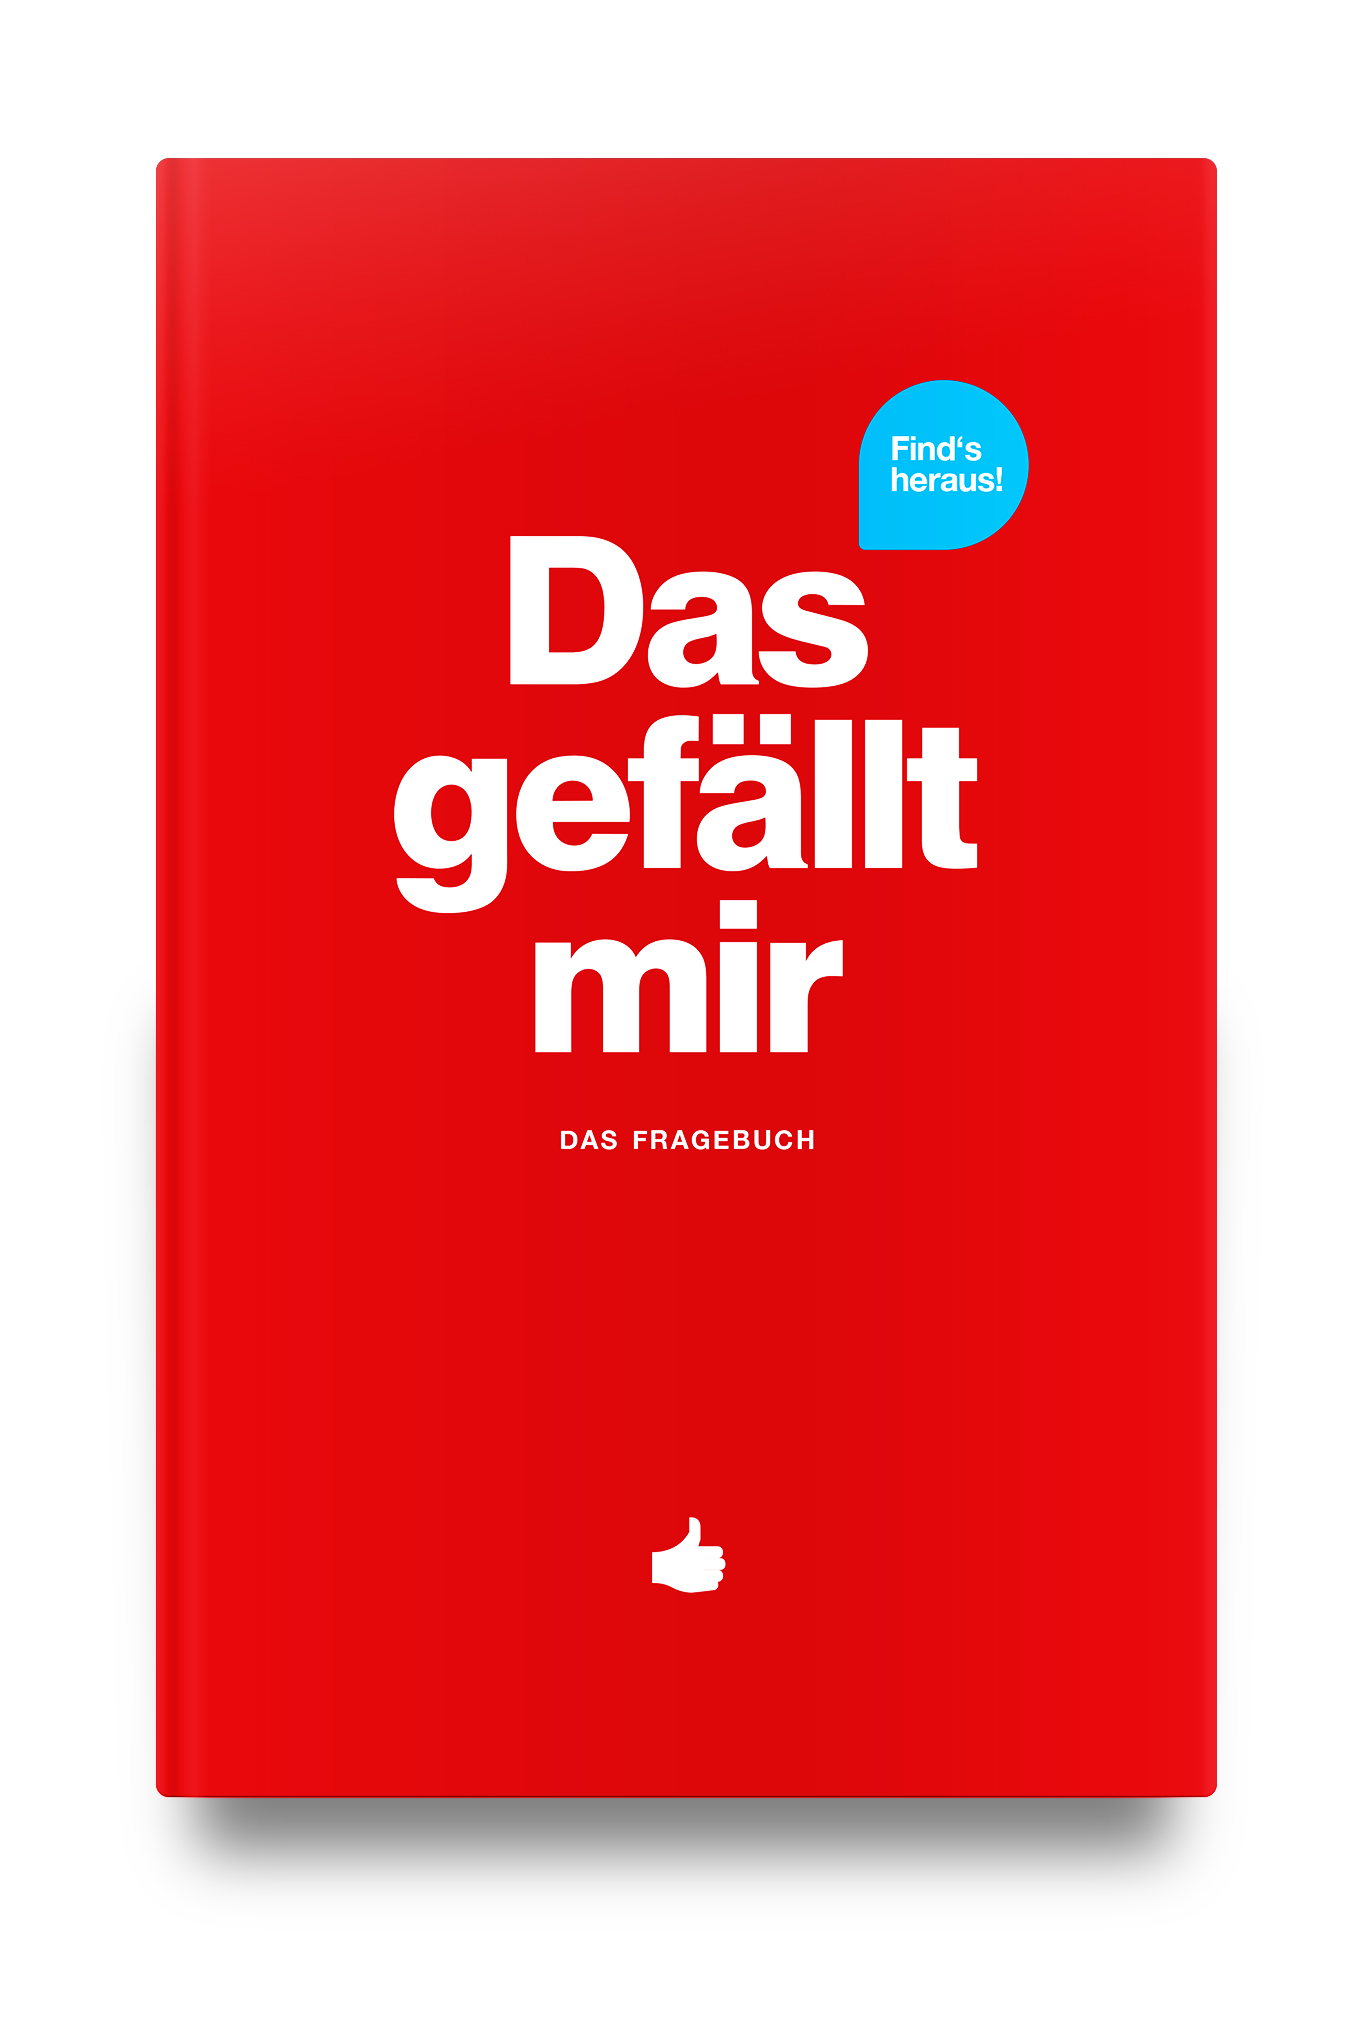 """Das Fragebuch   Das neue """"Das gefällt mir"""" Fragebuch – rund um alles, was dir gefällt. Jetzt in Rot!"""